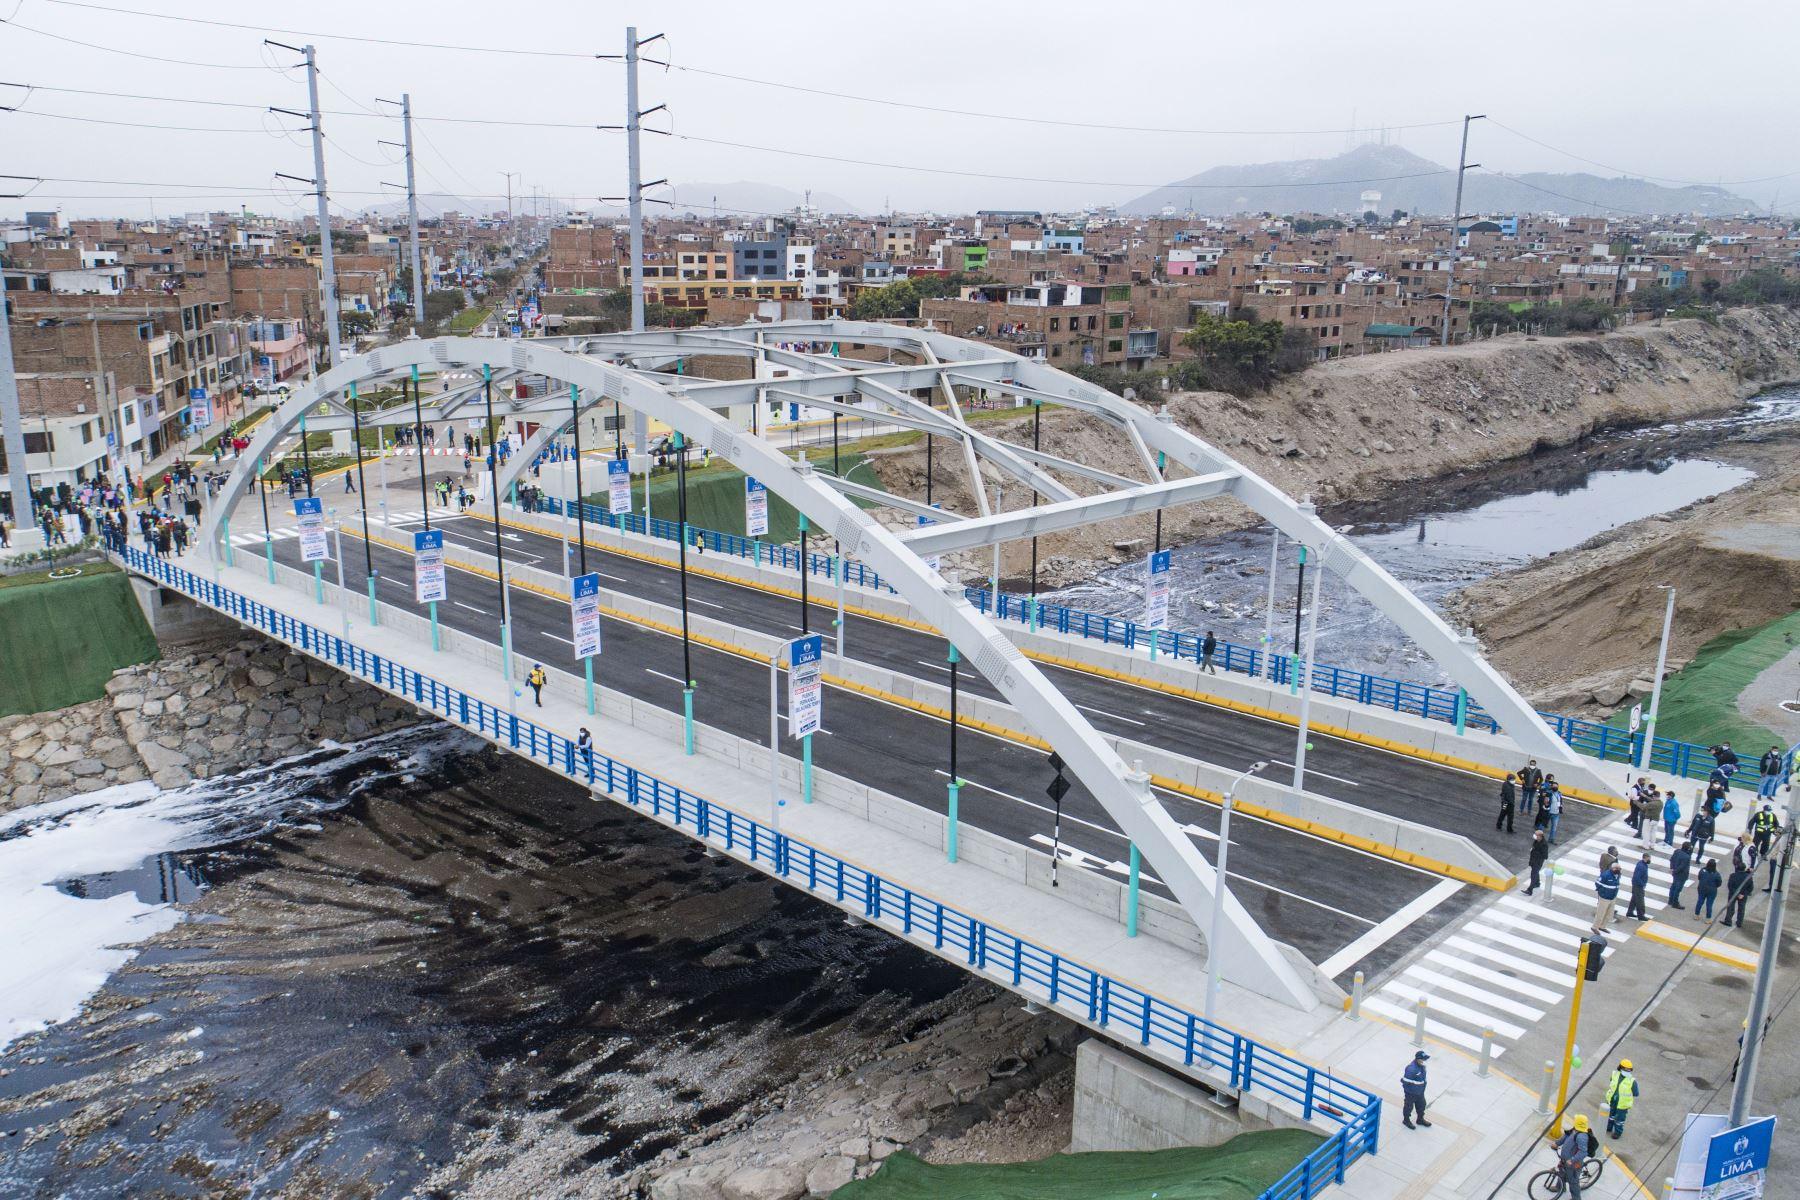 ¡Buena noticia! Inauguran puente vehicular sobre el río Rímac que une Lima y Callao